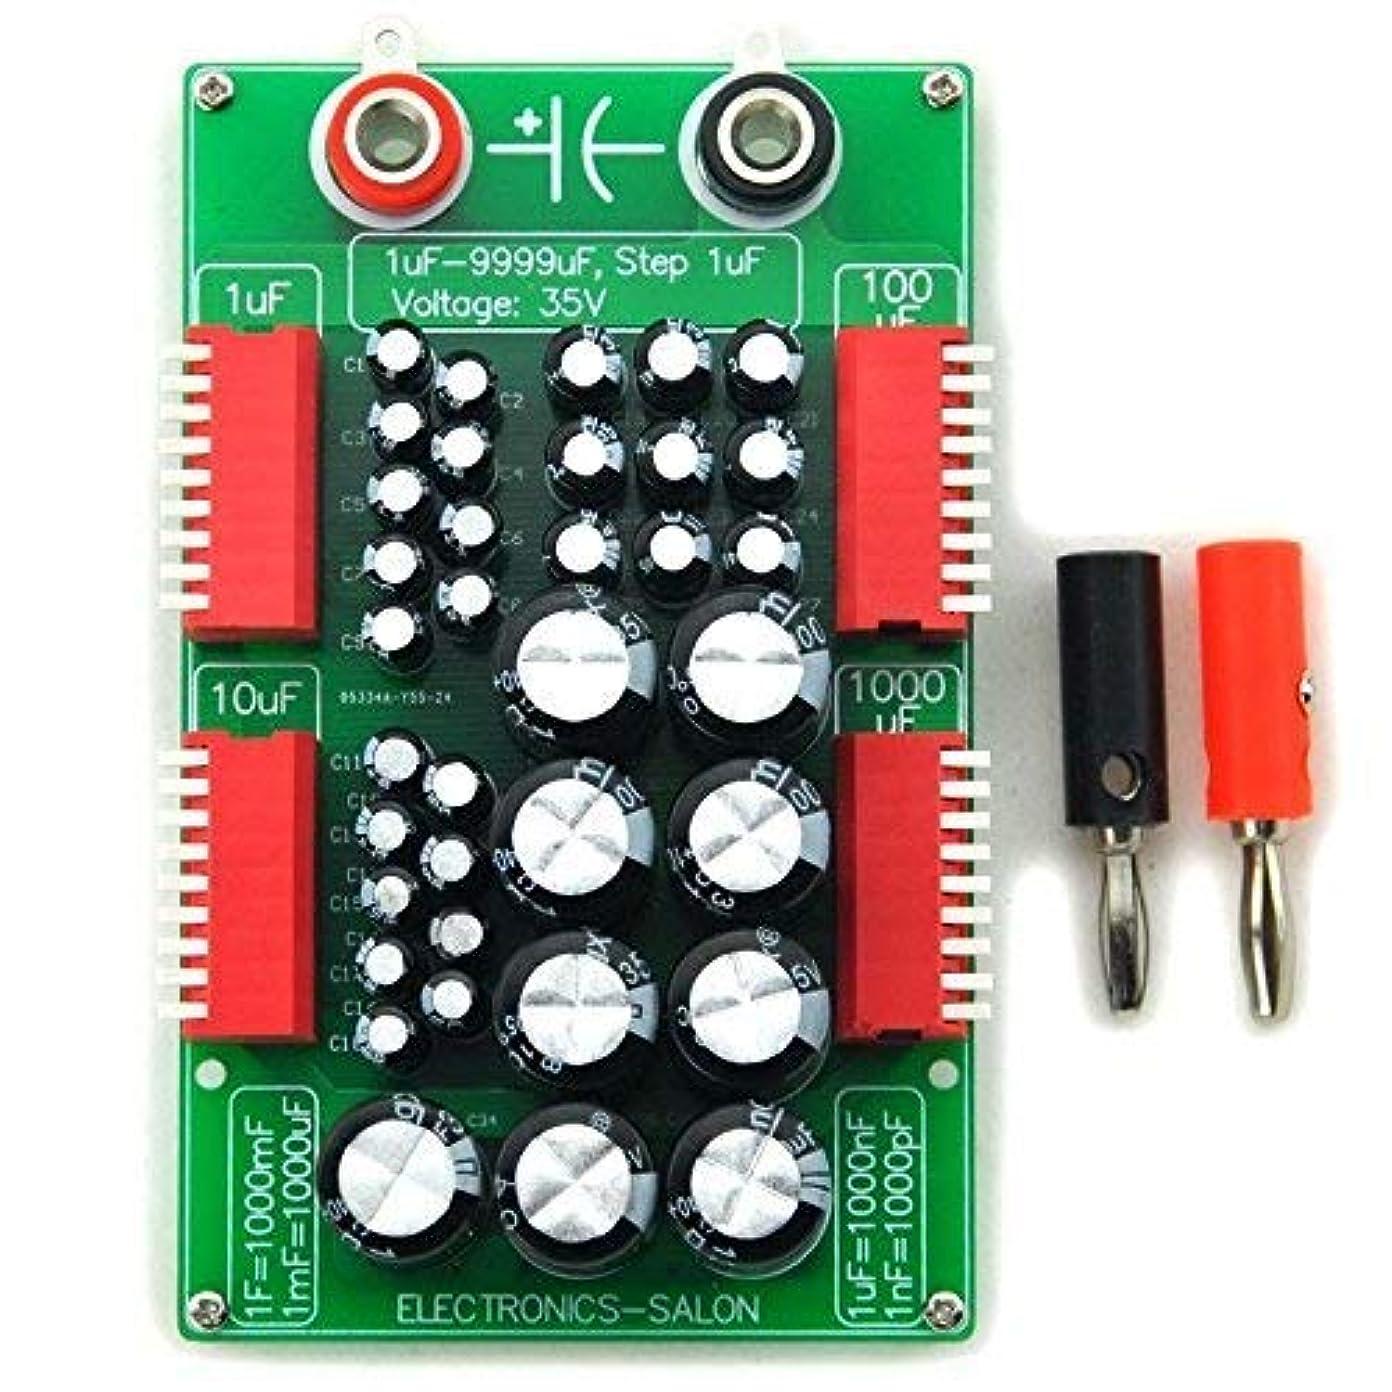 Electronics-Salon 9999ufステップ-1μF 4十年 プログラム可能なコンデンサボードに1UF